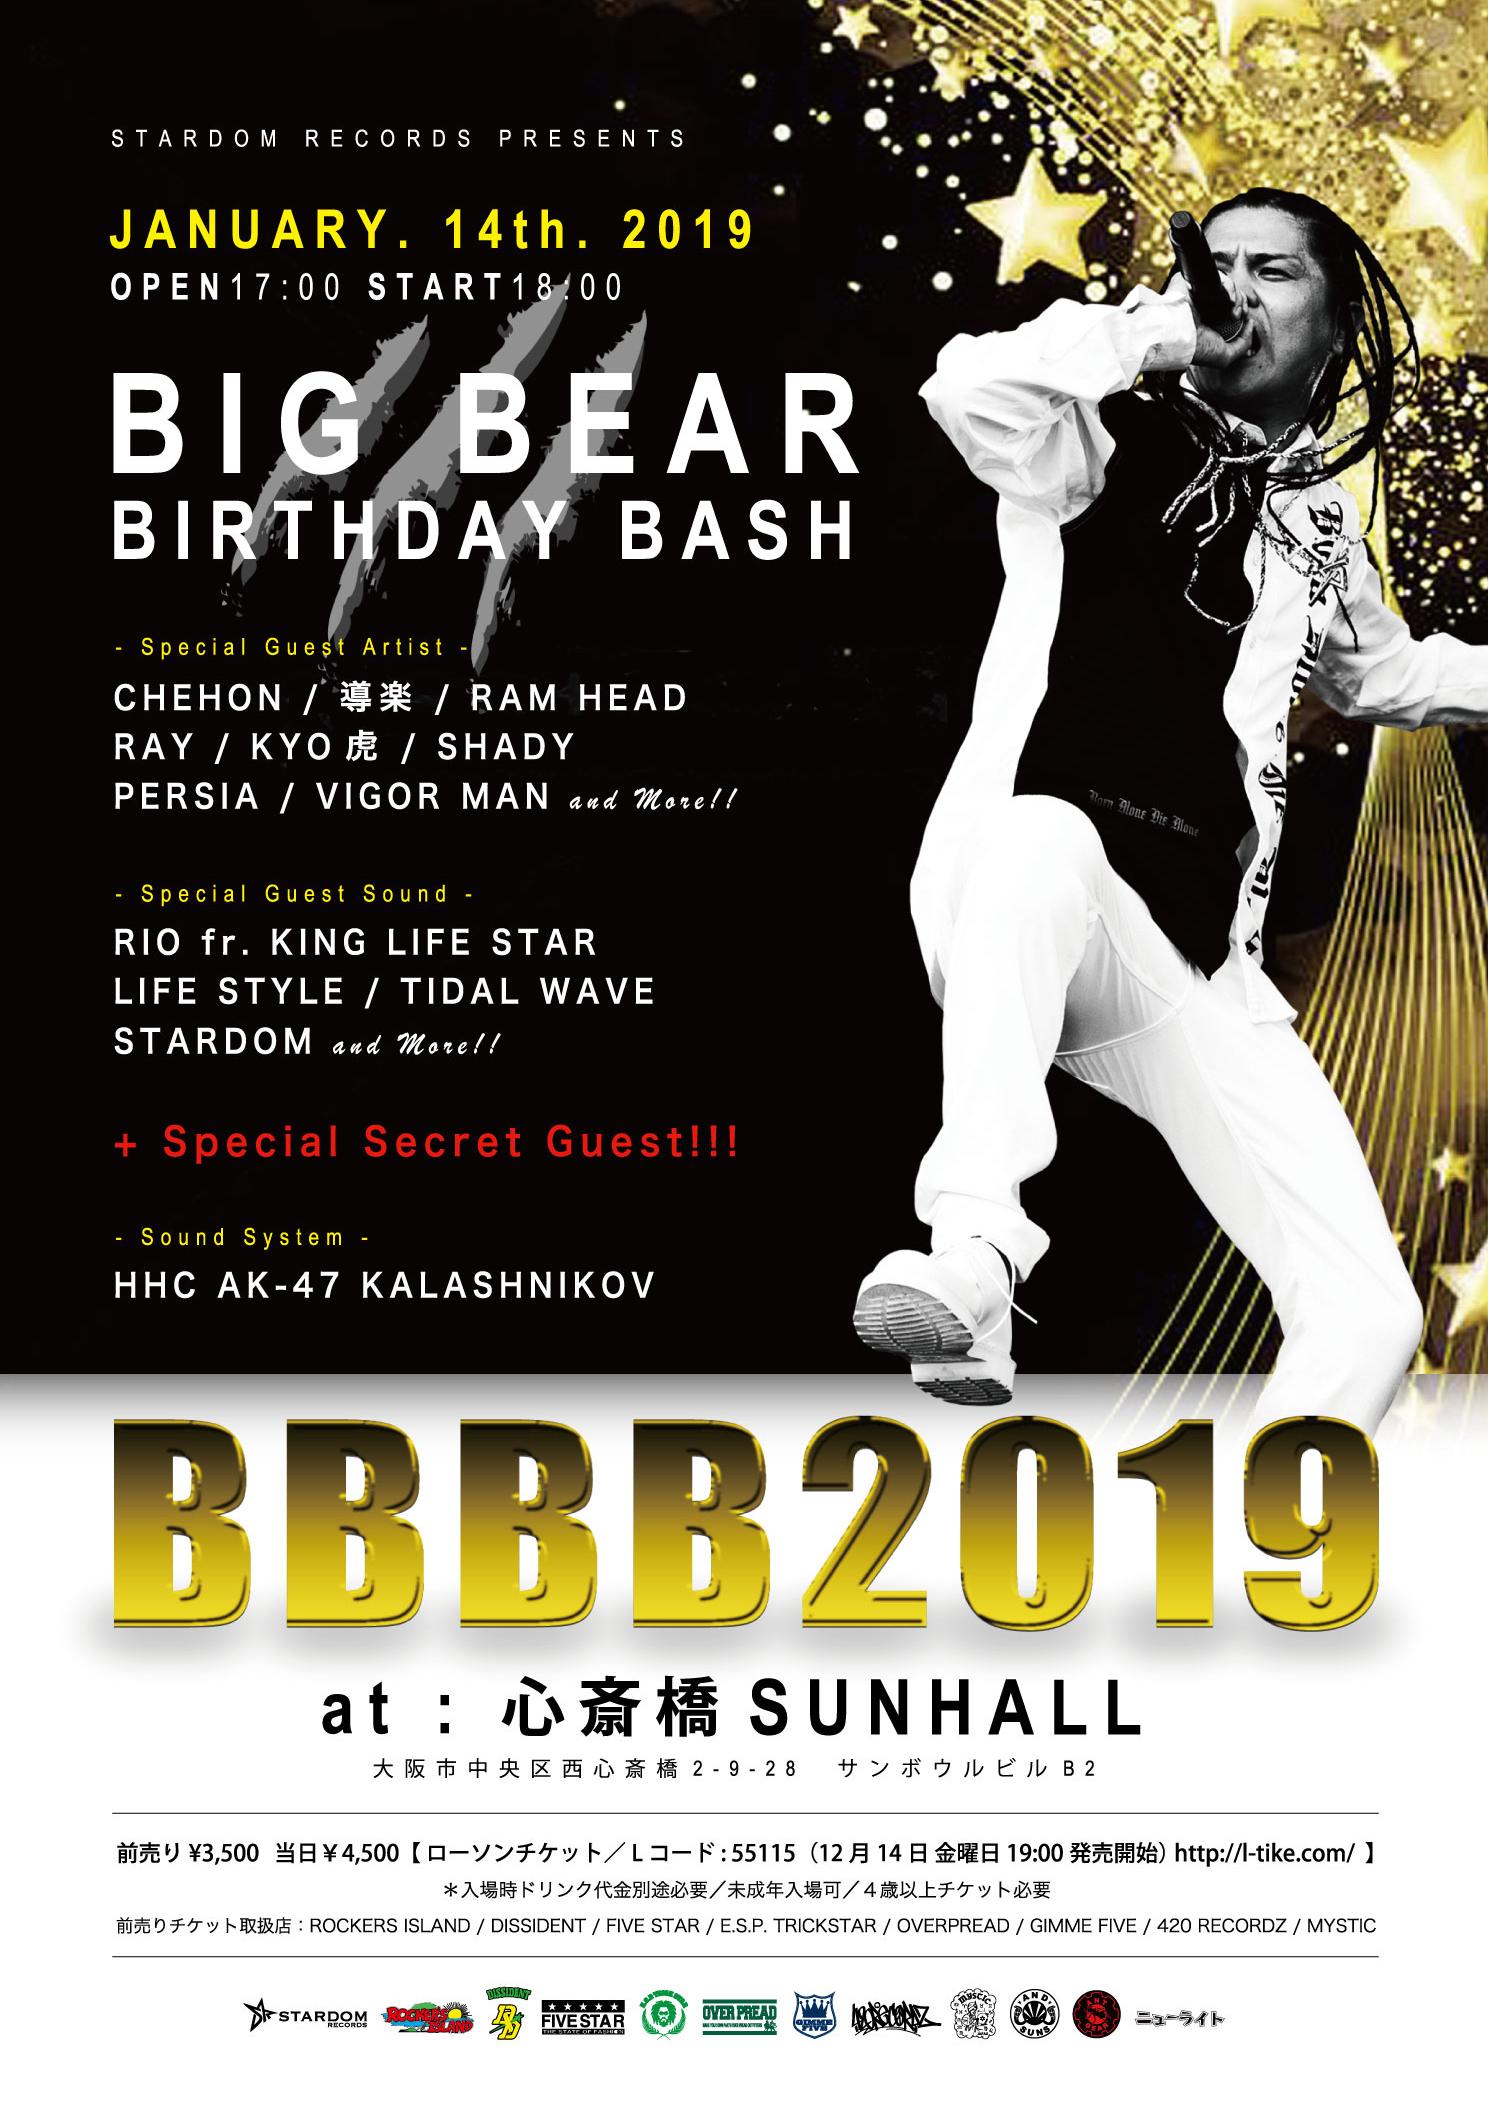 BIG BEAR BIRTHDAY BASH 2019